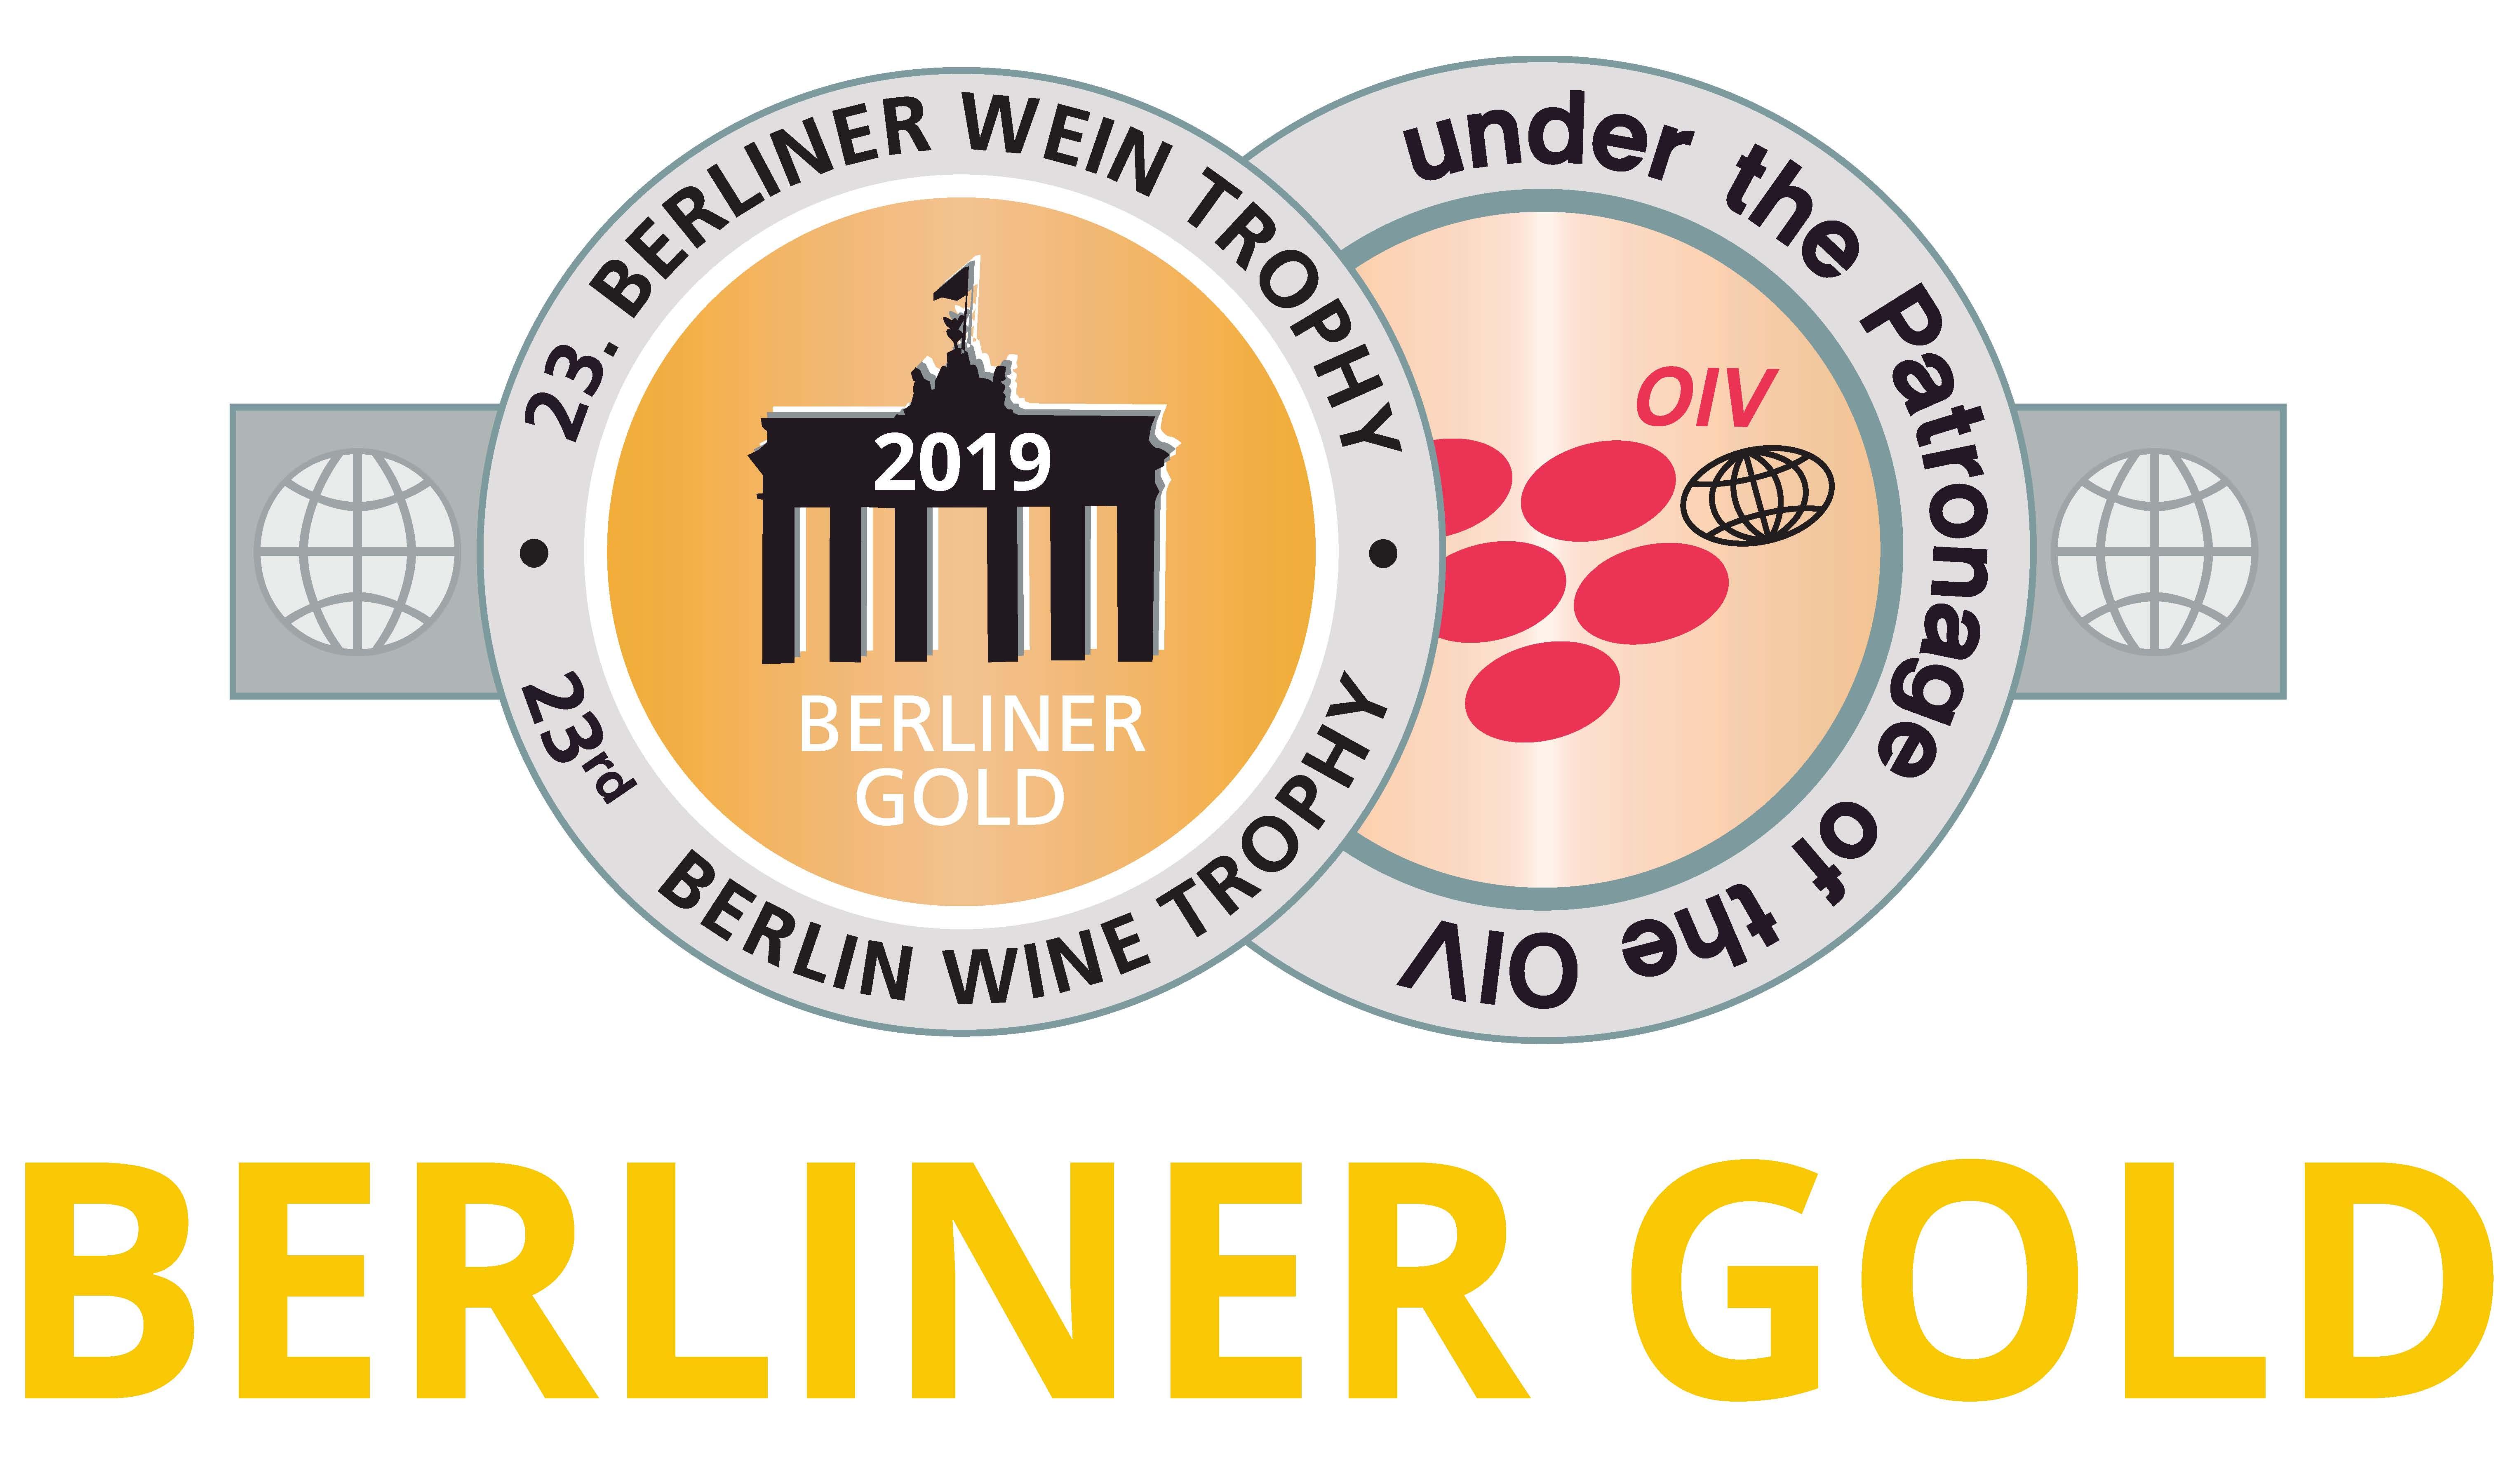 März 2019: Berliner Gold bei der Berliner Wine Trophy für Jahrgang 2016